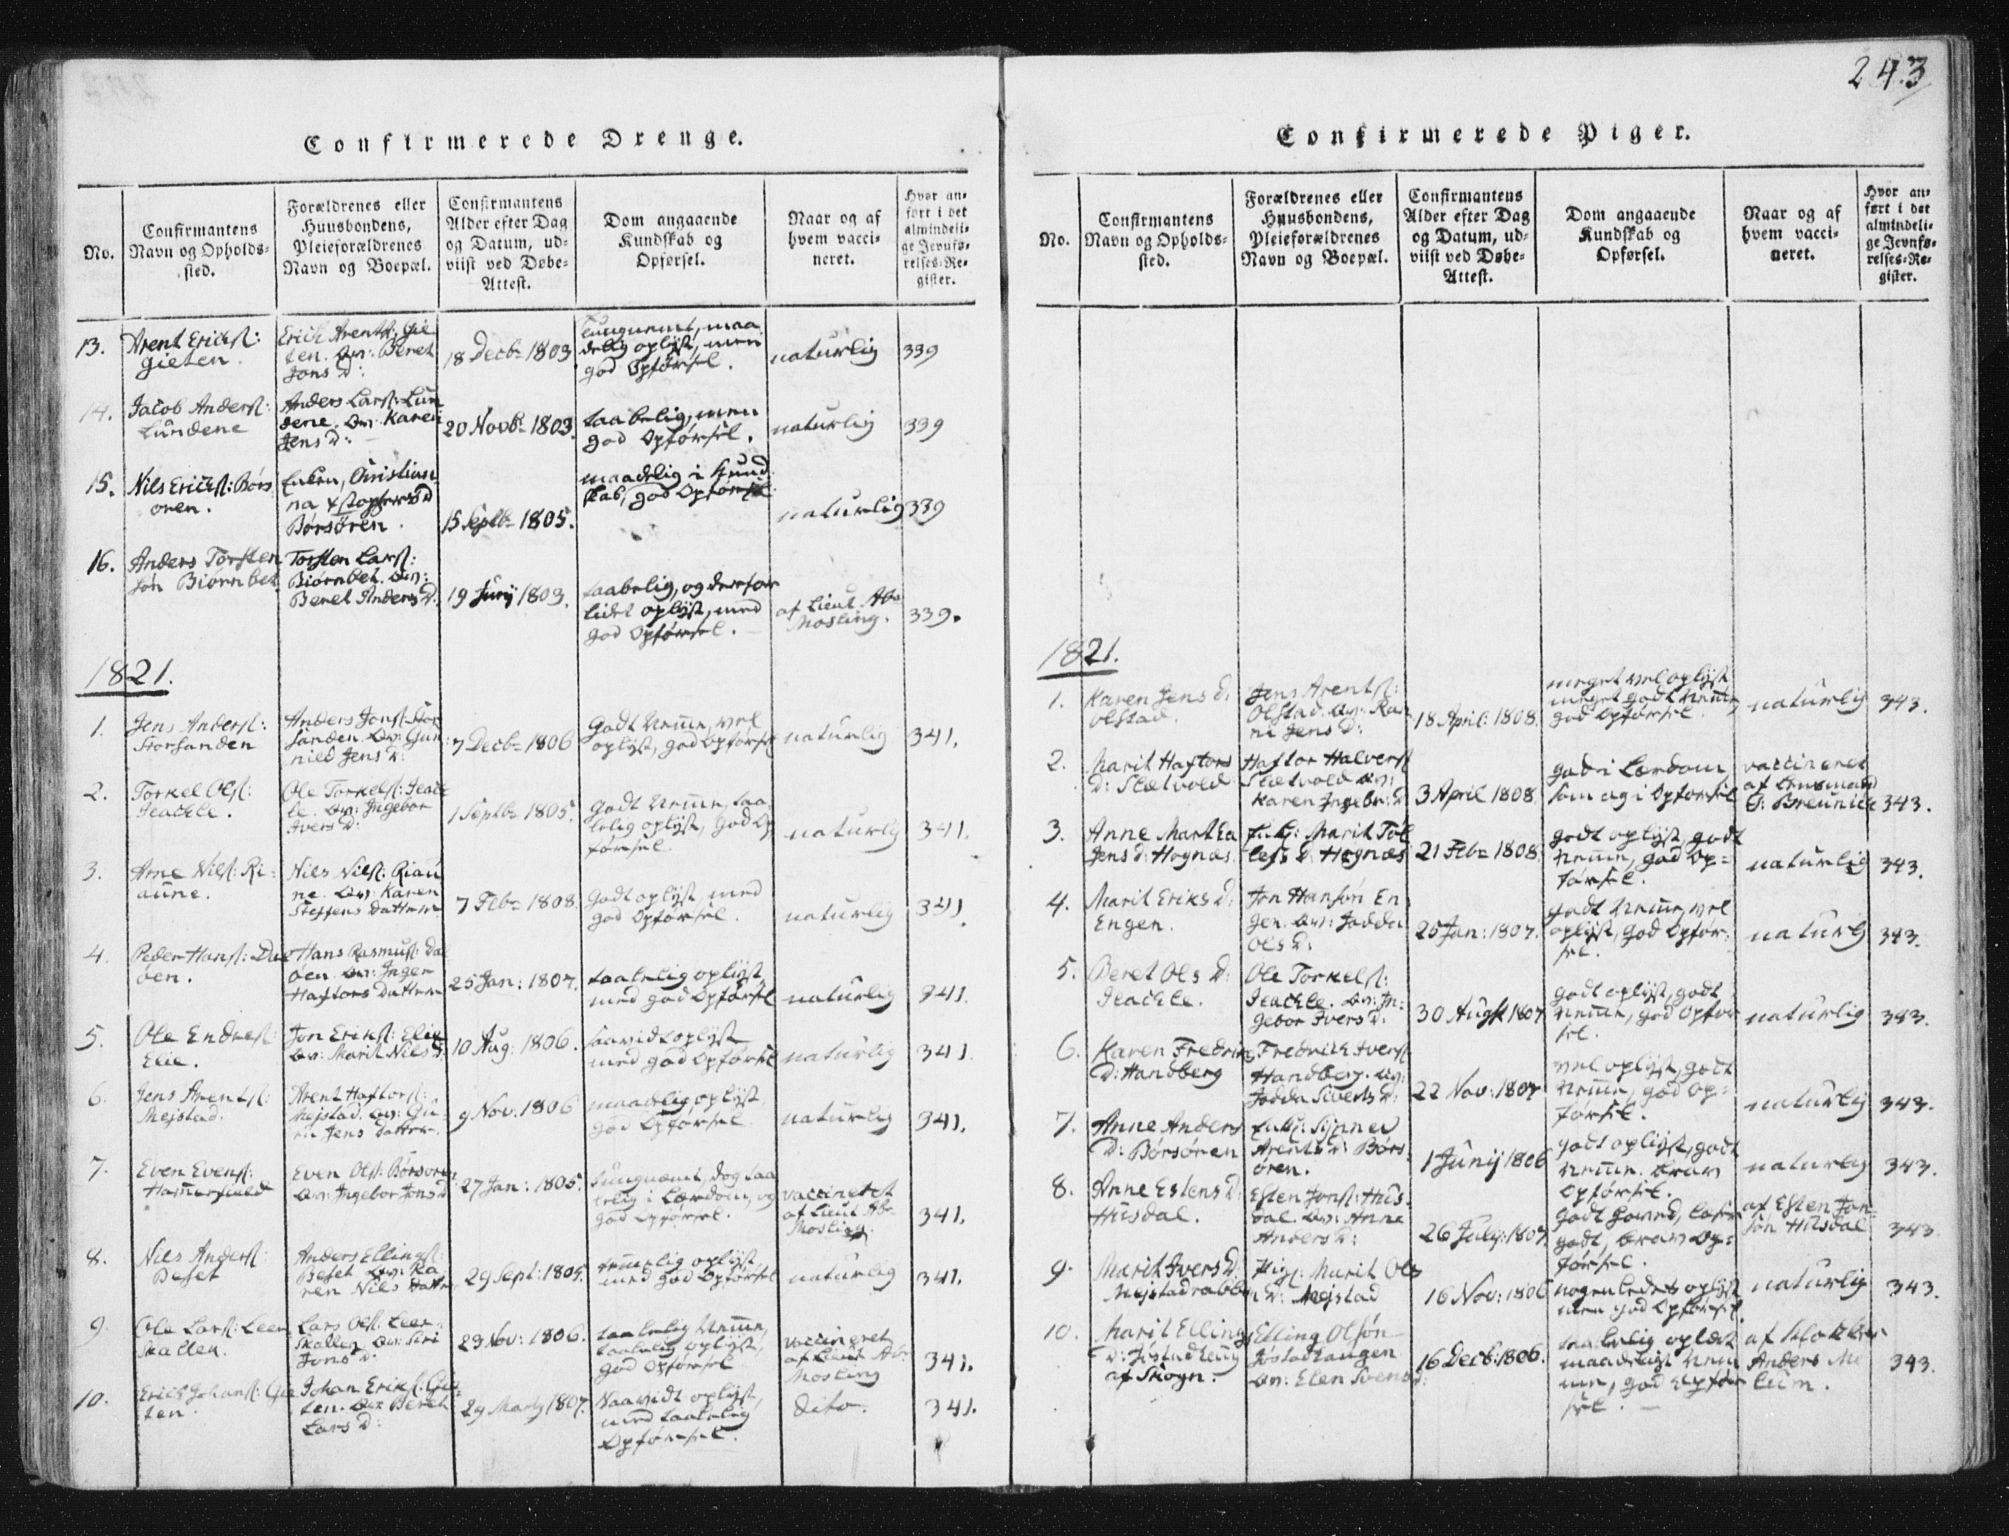 SAT, Ministerialprotokoller, klokkerbøker og fødselsregistre - Sør-Trøndelag, 665/L0770: Ministerialbok nr. 665A05, 1817-1829, s. 243